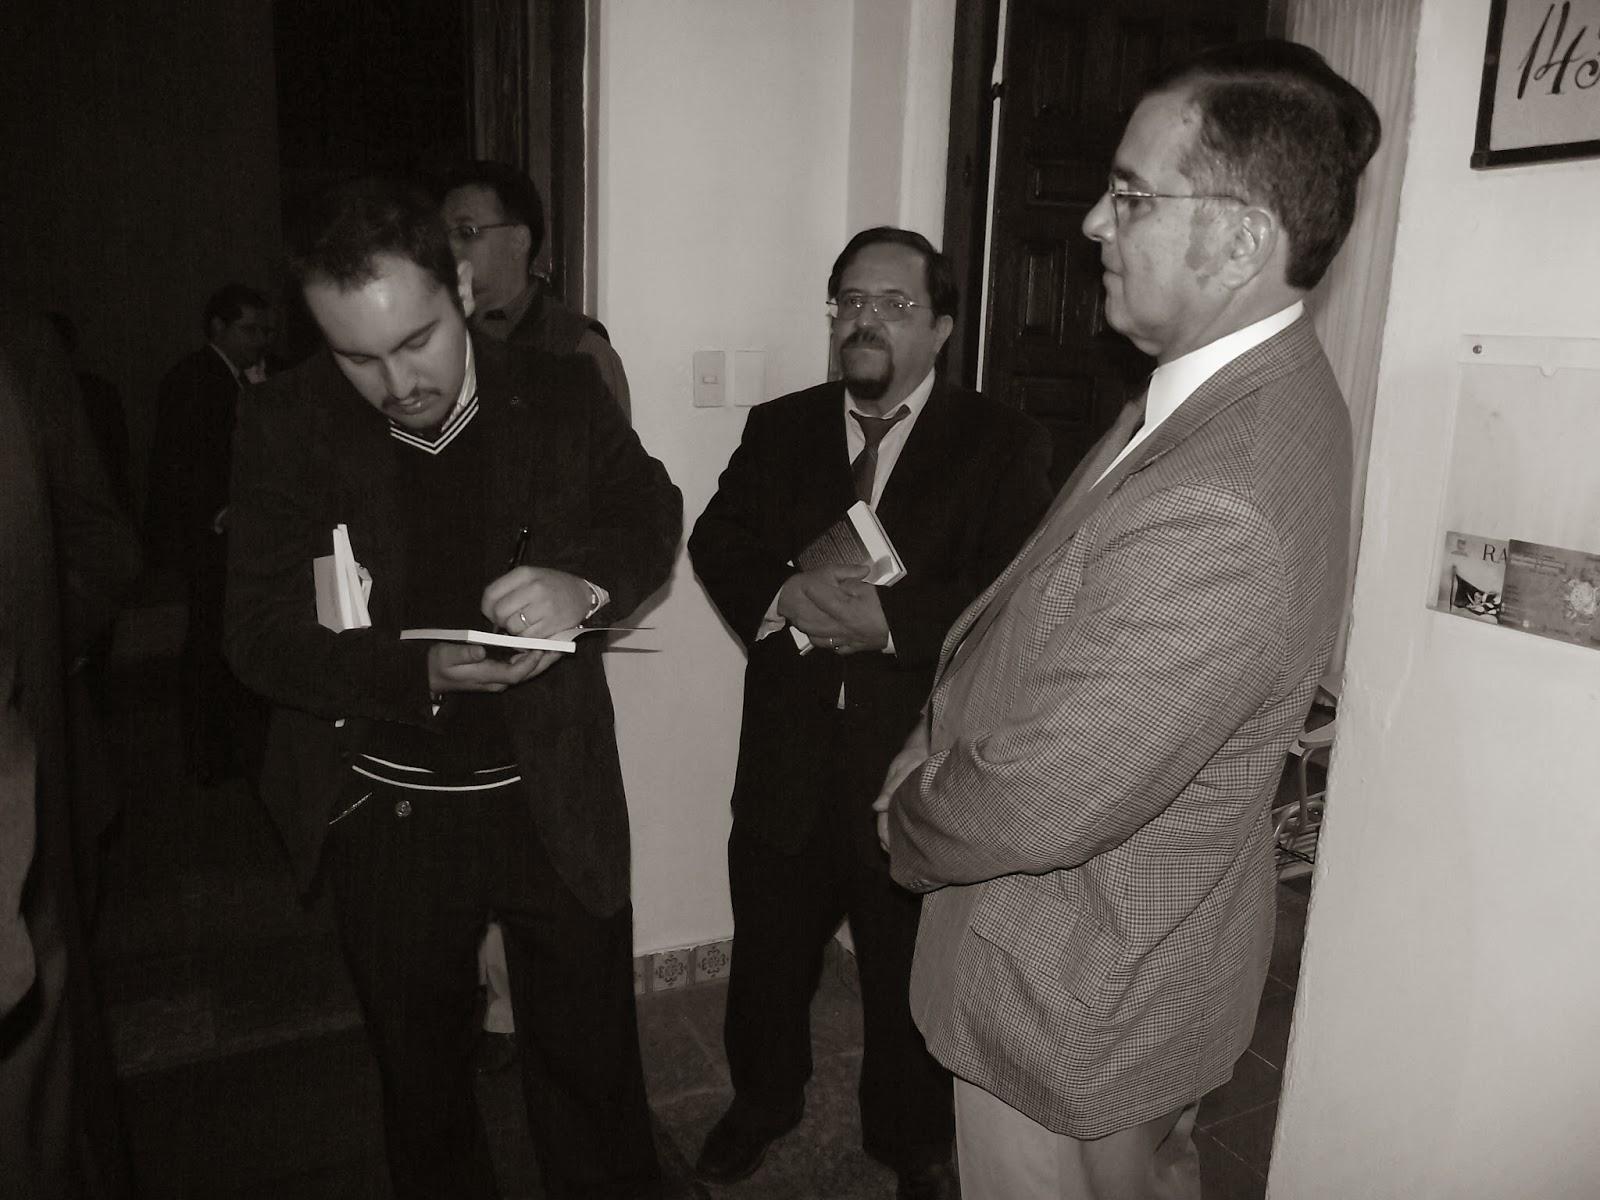 Raúl Espinoza + Carlos Sierra Lechuga